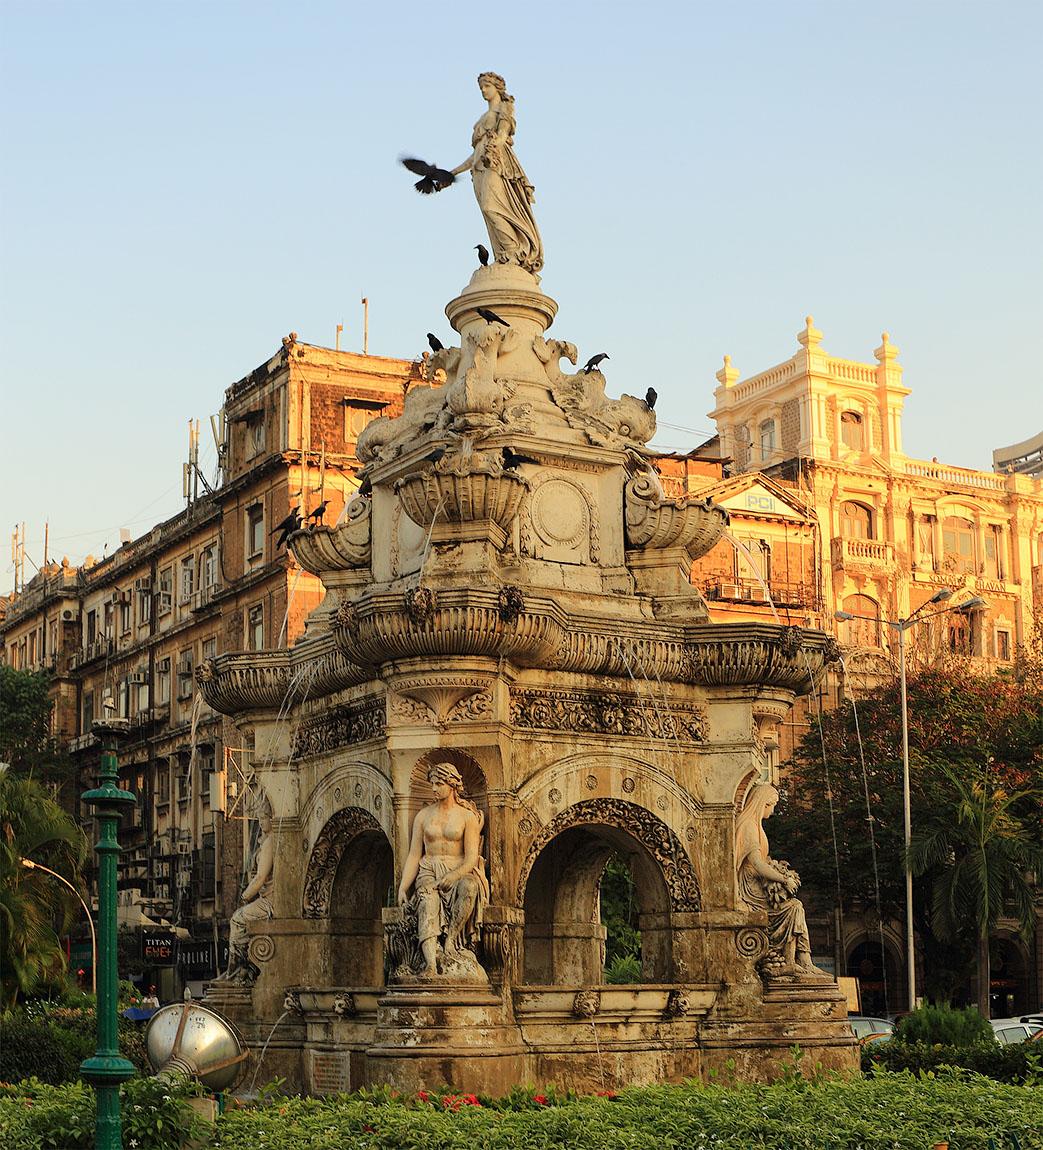 Фотография 21.  Наш фоторепортаж о поездке в Мумбаи. Фонтан Флора